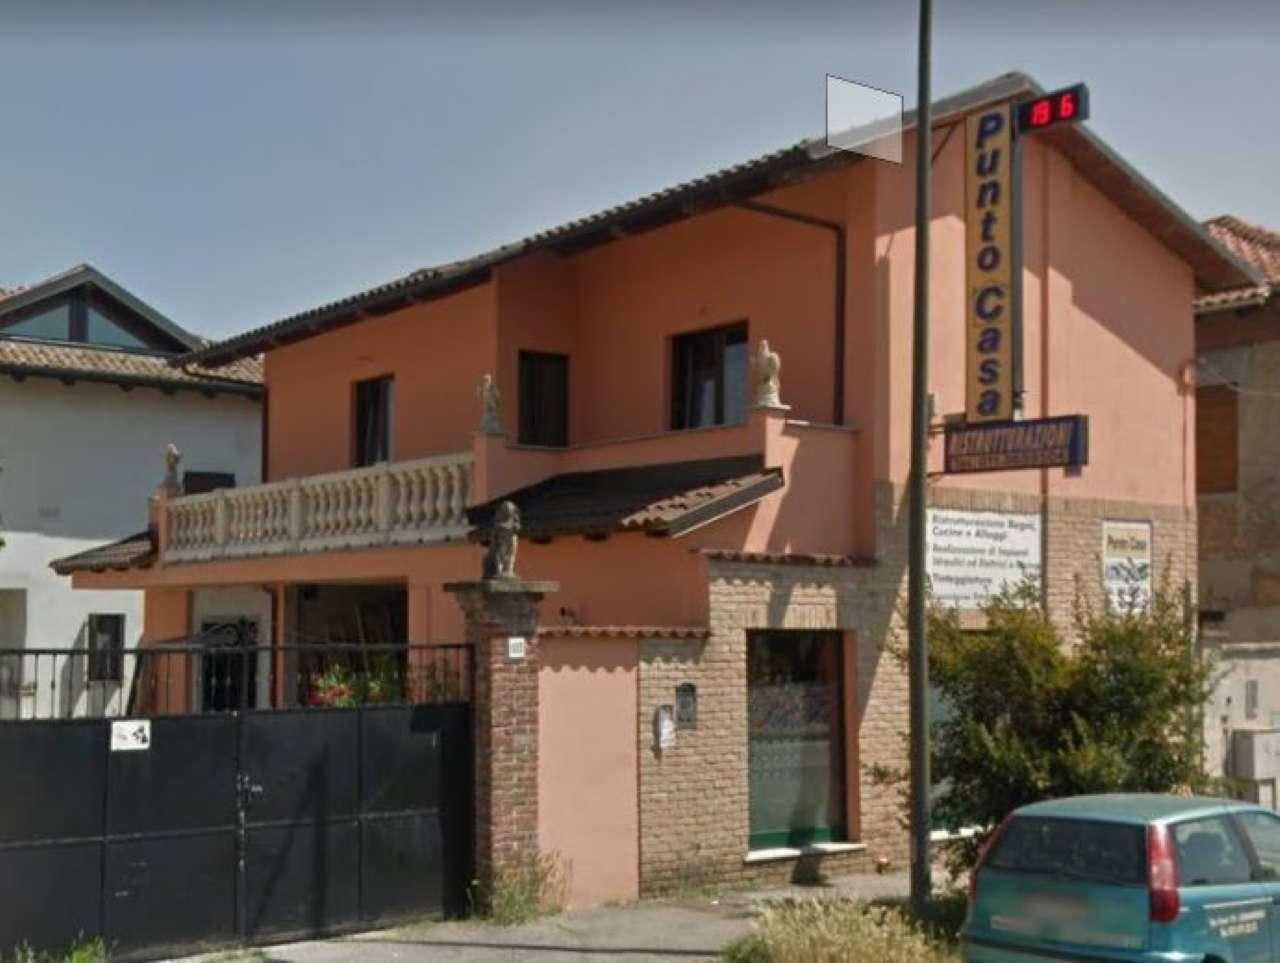 Villa in vendita a Carignano, 5 locali, prezzo € 117.000 | CambioCasa.it